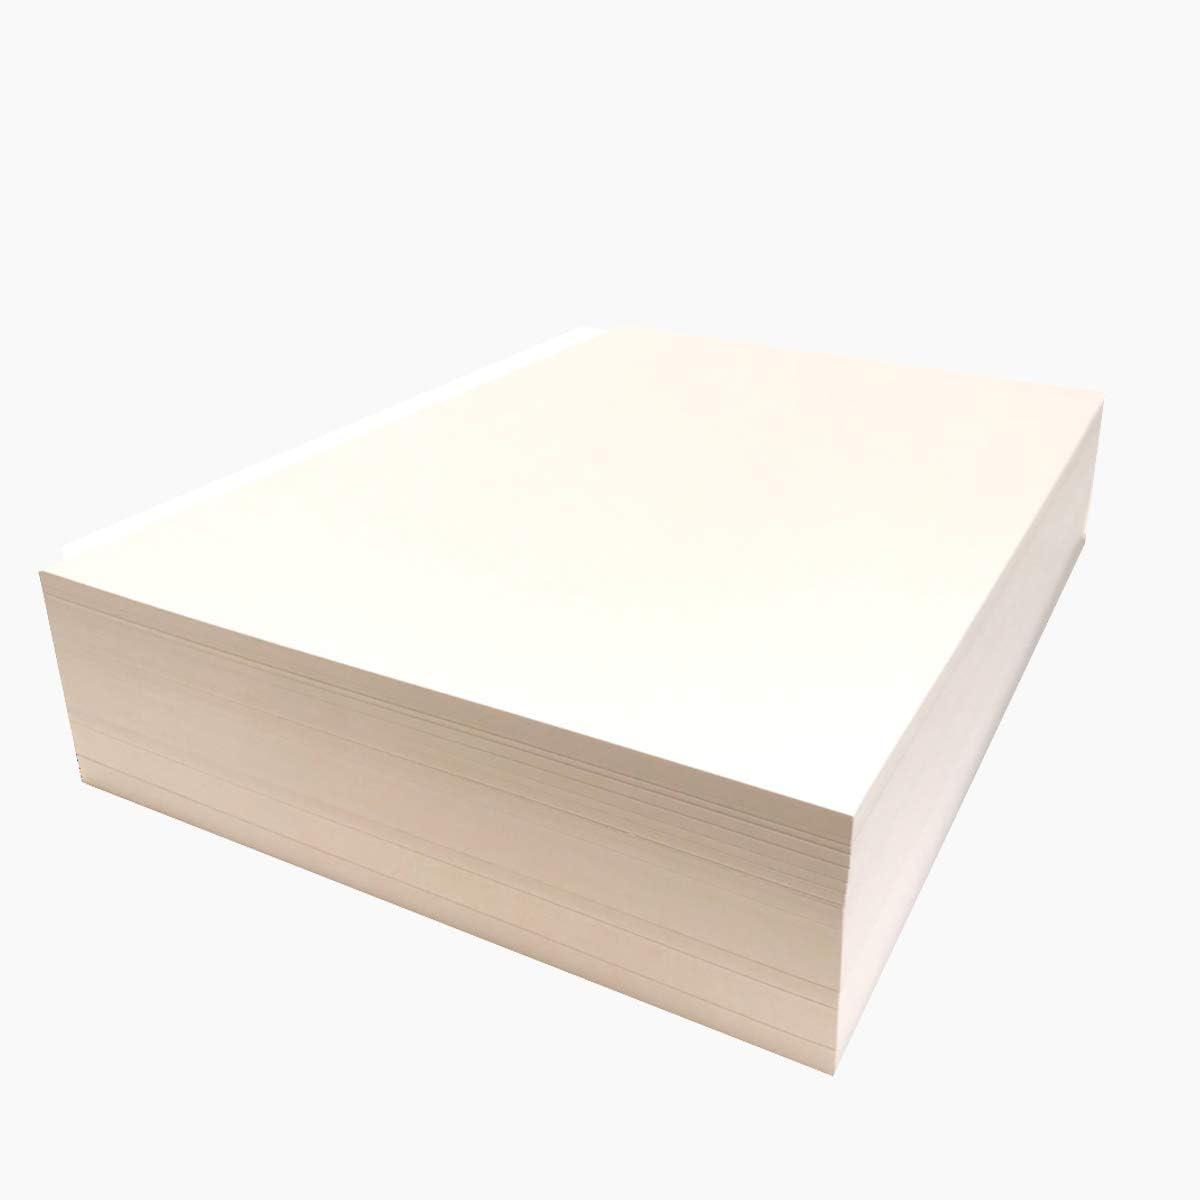 マットコート紙 キク判 48.5kg T目 4連 半切より (468㍉×634㍉) Y目仕上げ 小数8000枚